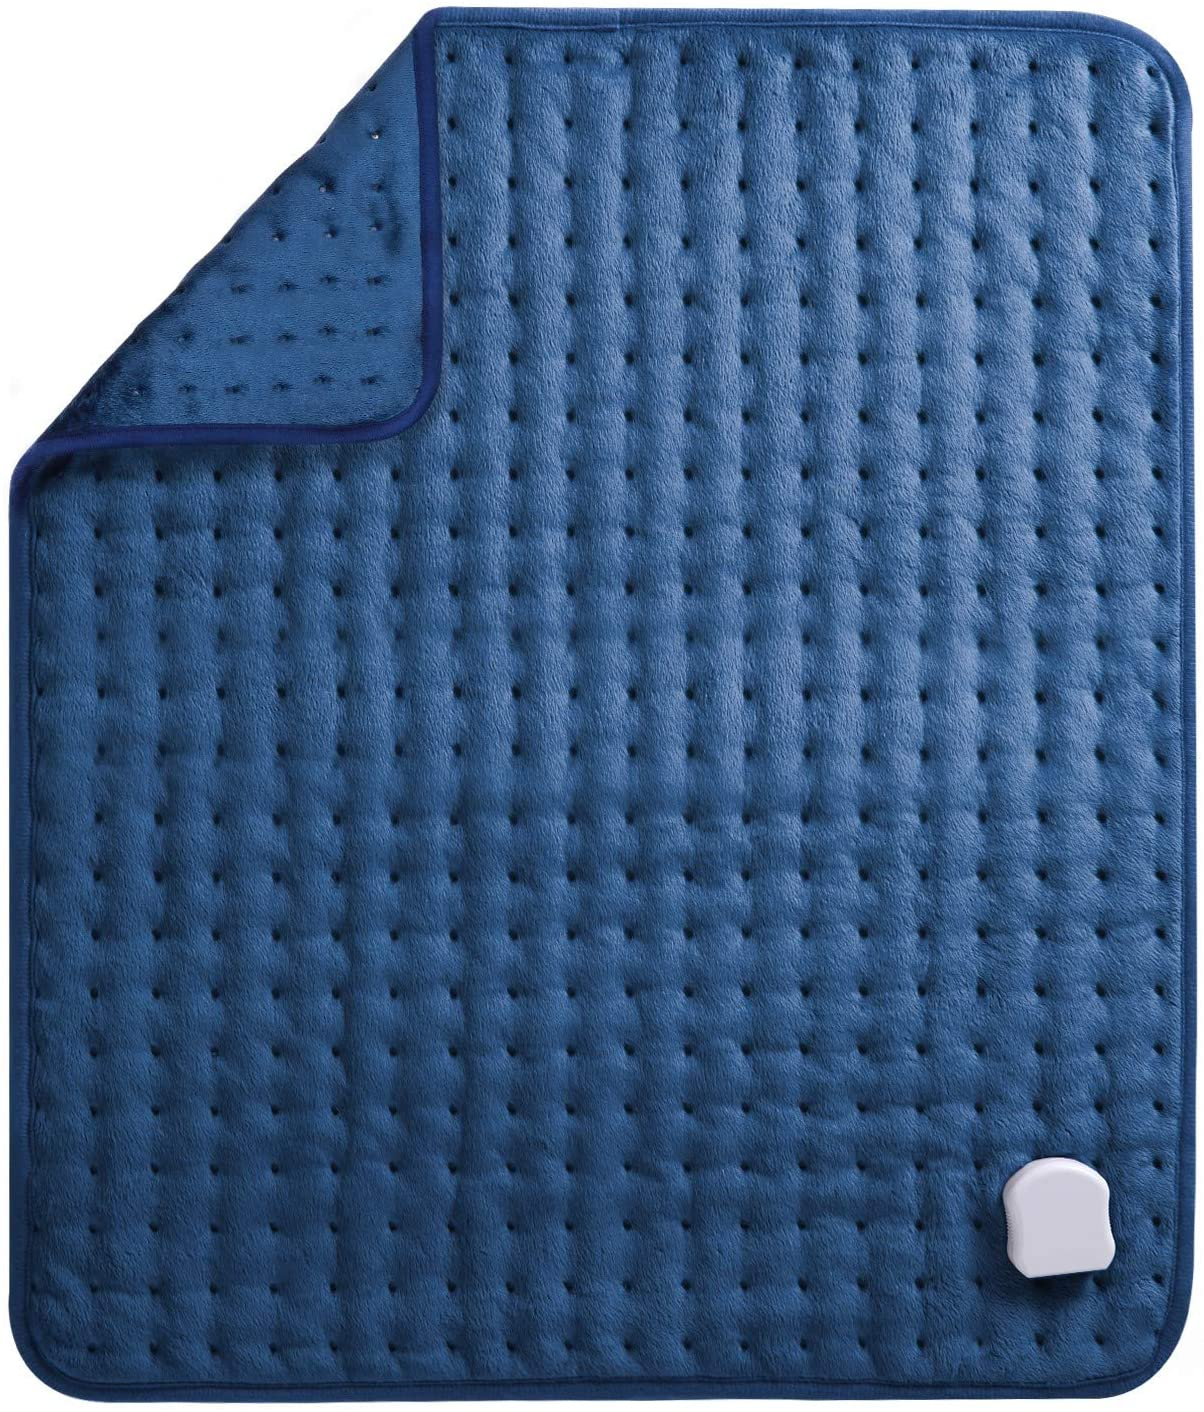 MaxKare Almohadilla Eléctrica Térmica de Grande Tamaño de (50 x 60cm) con Función de Apagado Automático 5 Grados de Calefacción Terapéuticos Franela Suave Alivio Muscular para Espalda Cuello Hombro